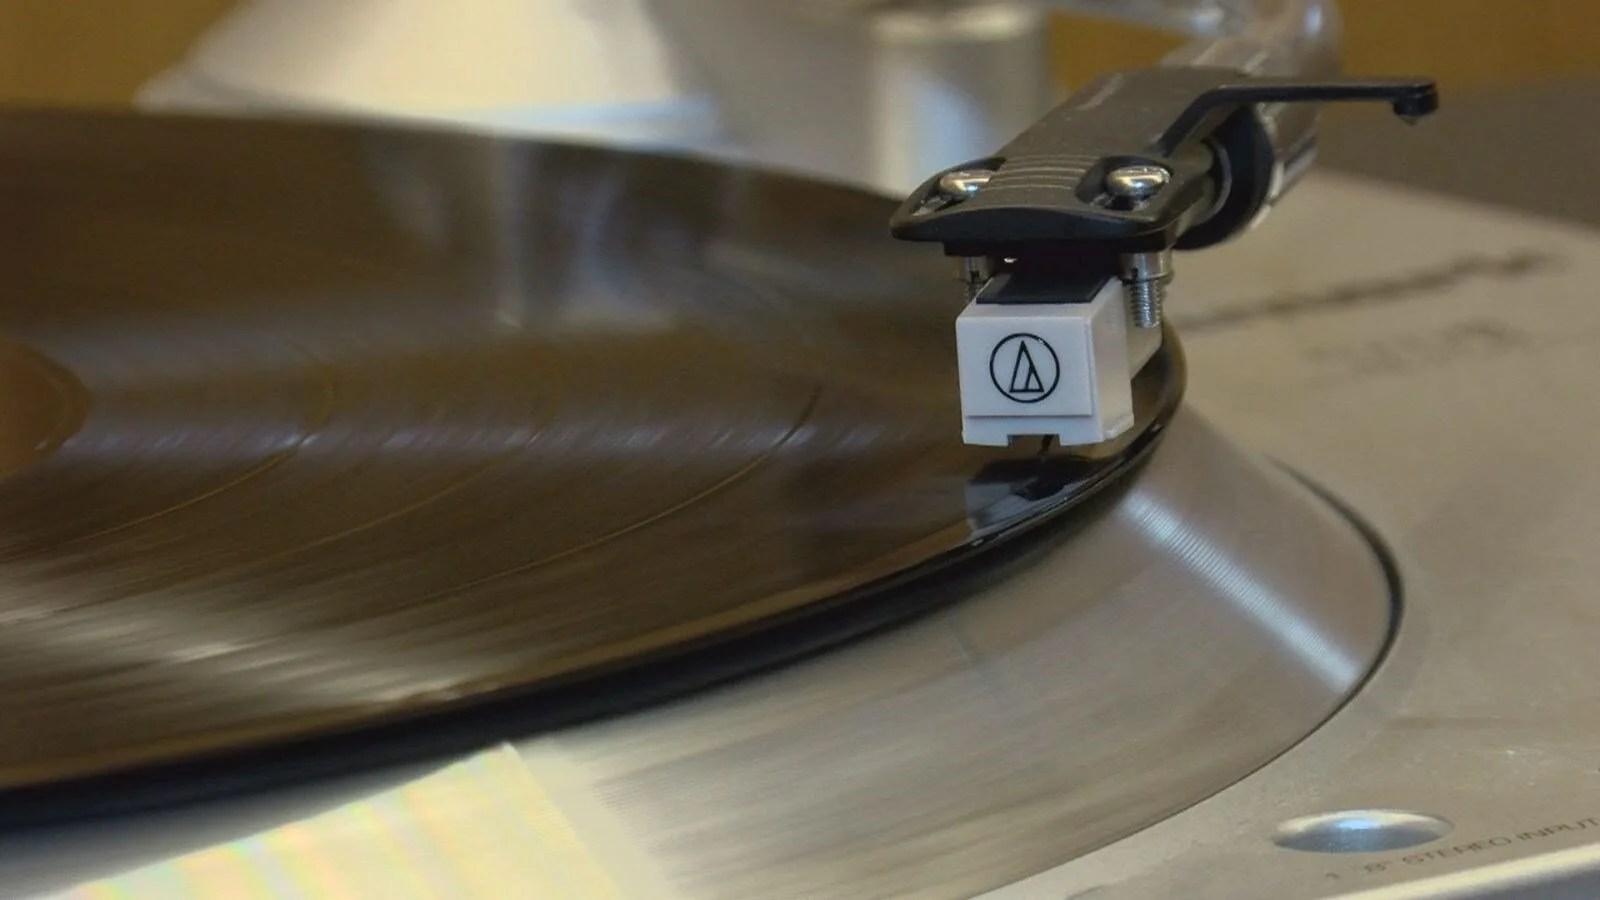 Eski albümler yeniden basıldı: Unkapanı Plakçılar Çarşısı tekrar hareketlendi - 4